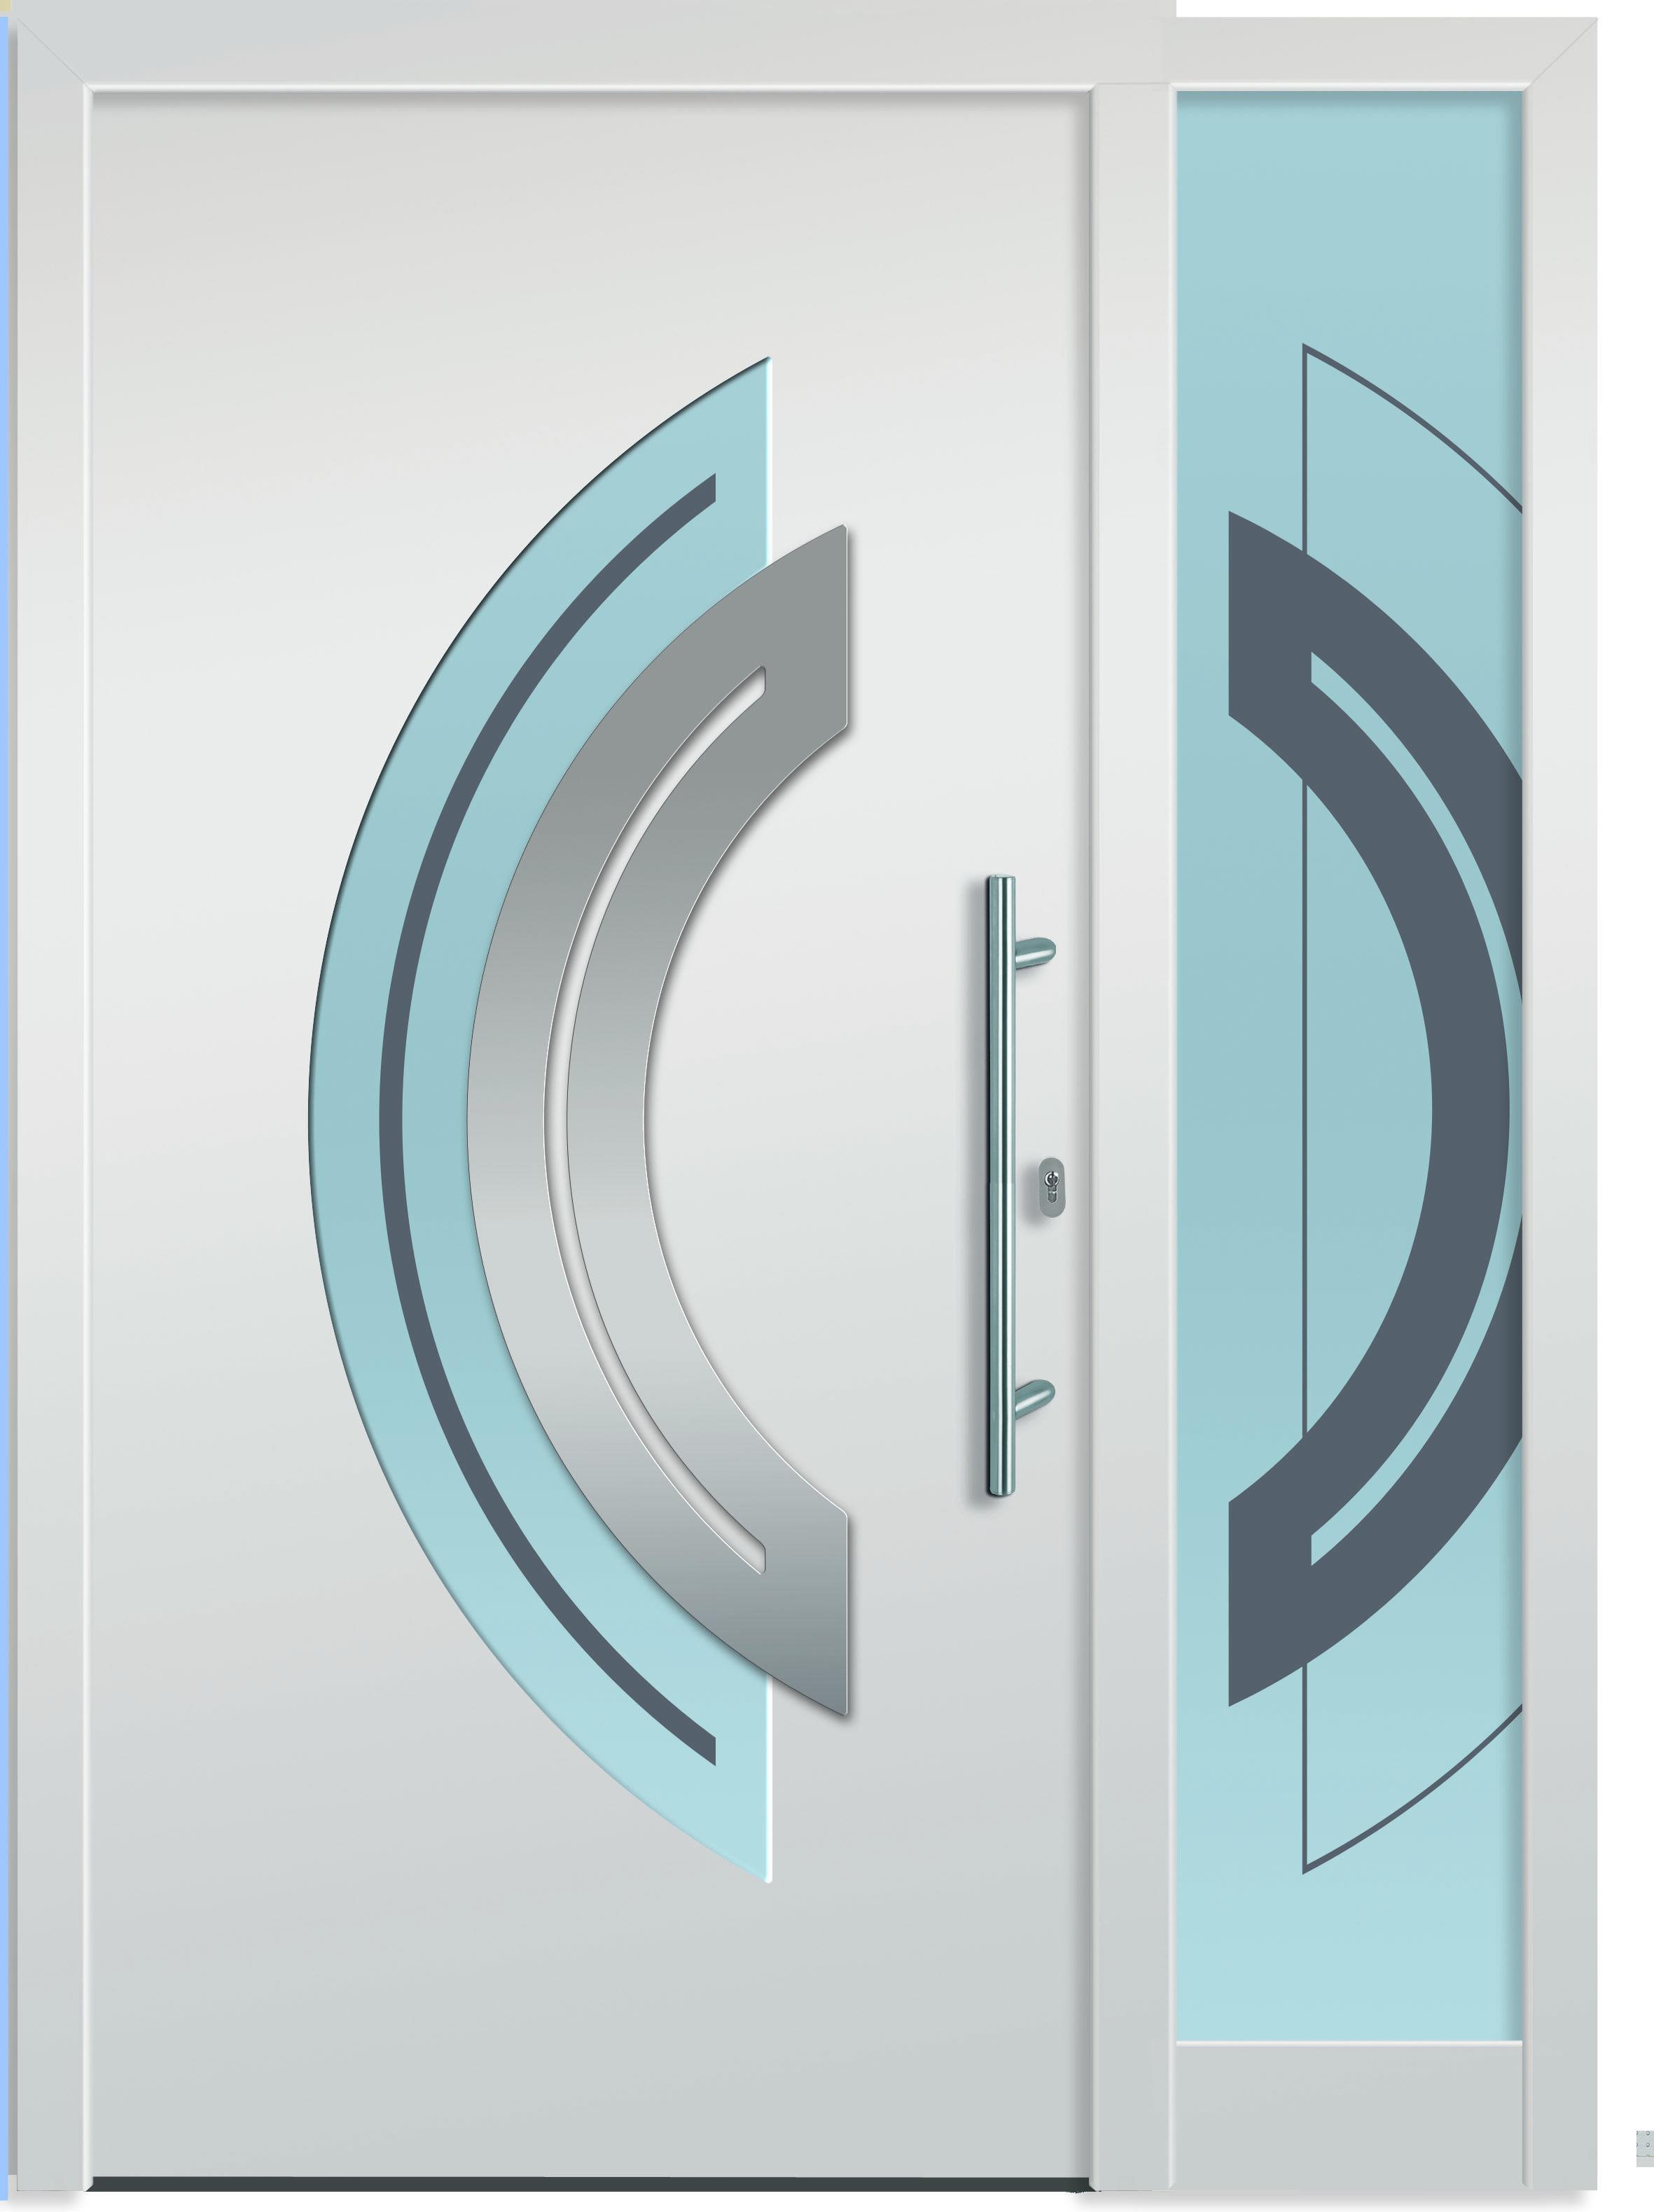 Aluminium-Eingangstüre Spika 2 - Außen flügelüberdeckende Eingangstüre mit…